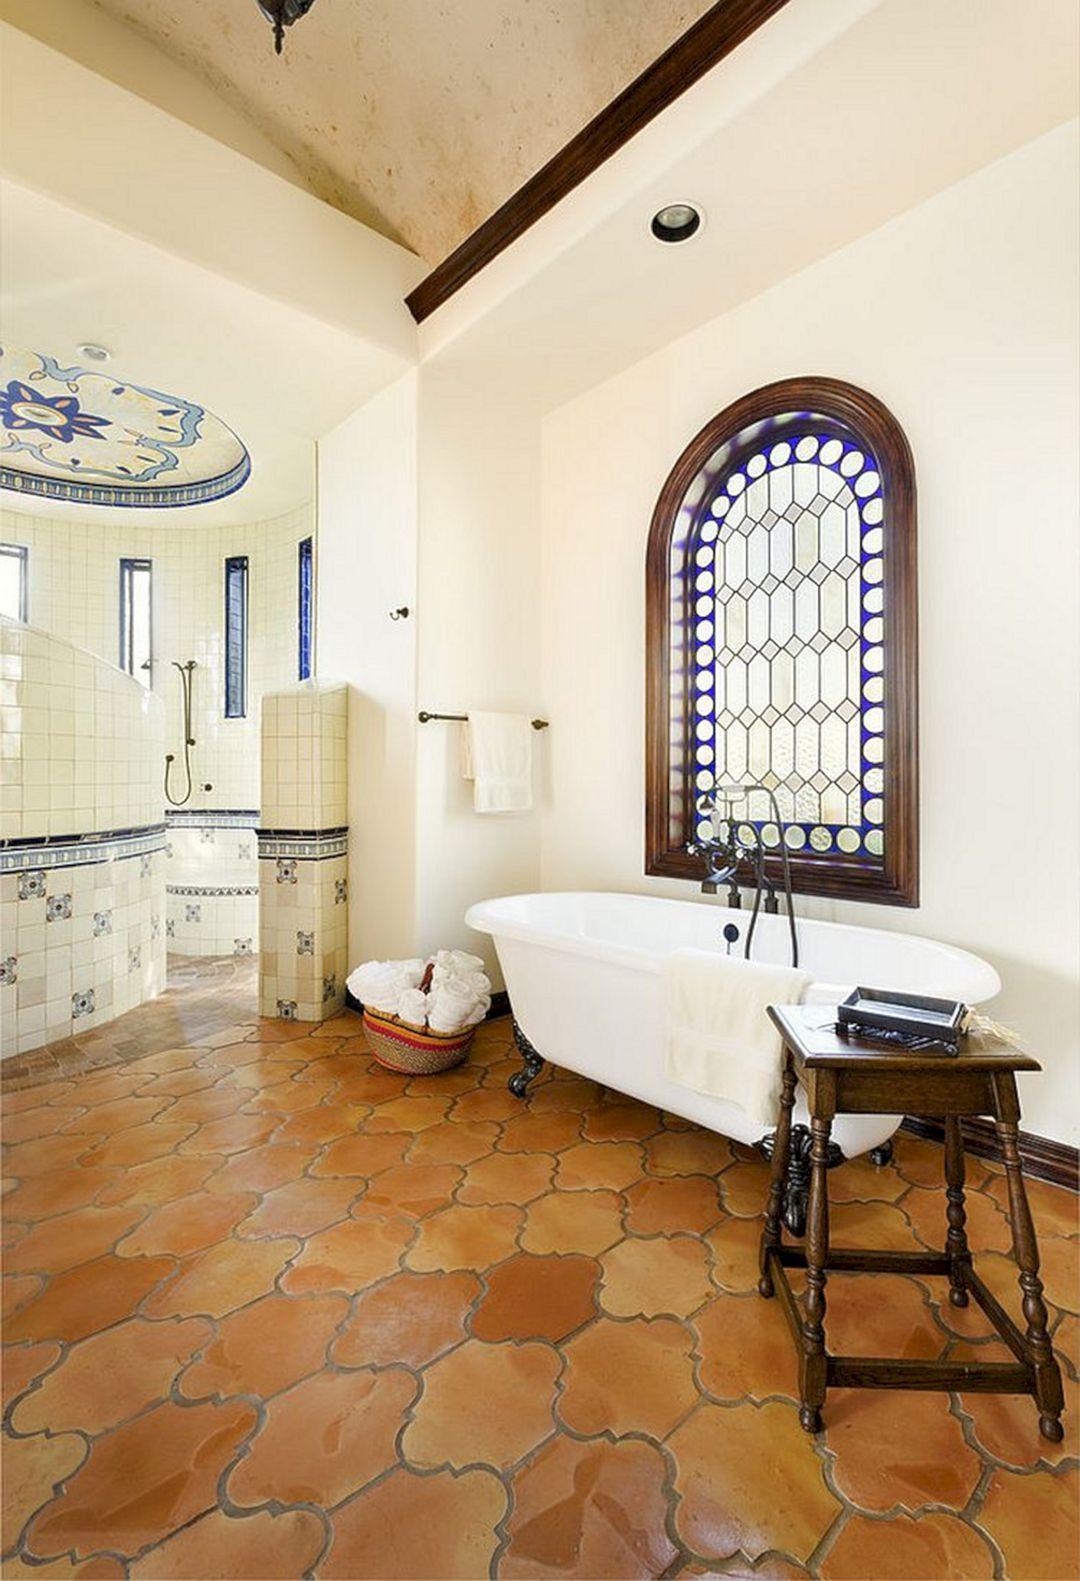 25+ Marvelous Terracotta Floor Bathroom Ideas For Best ...